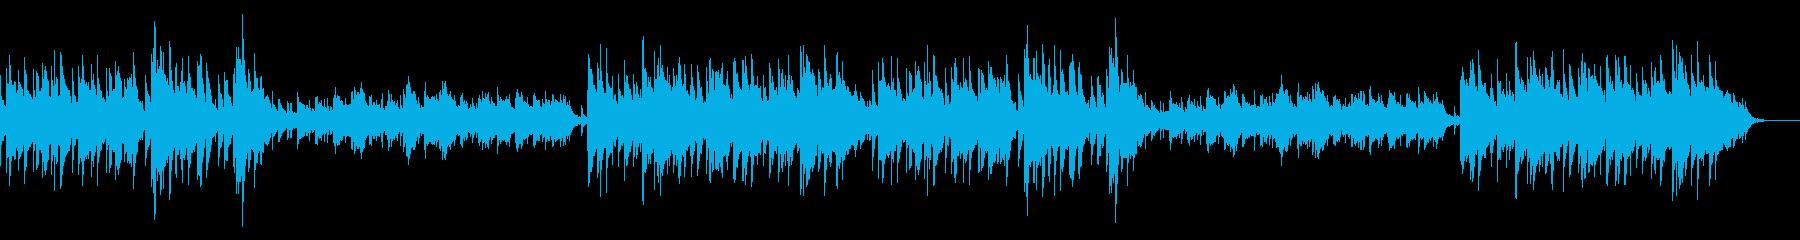 酒場っぽい曲ですの再生済みの波形